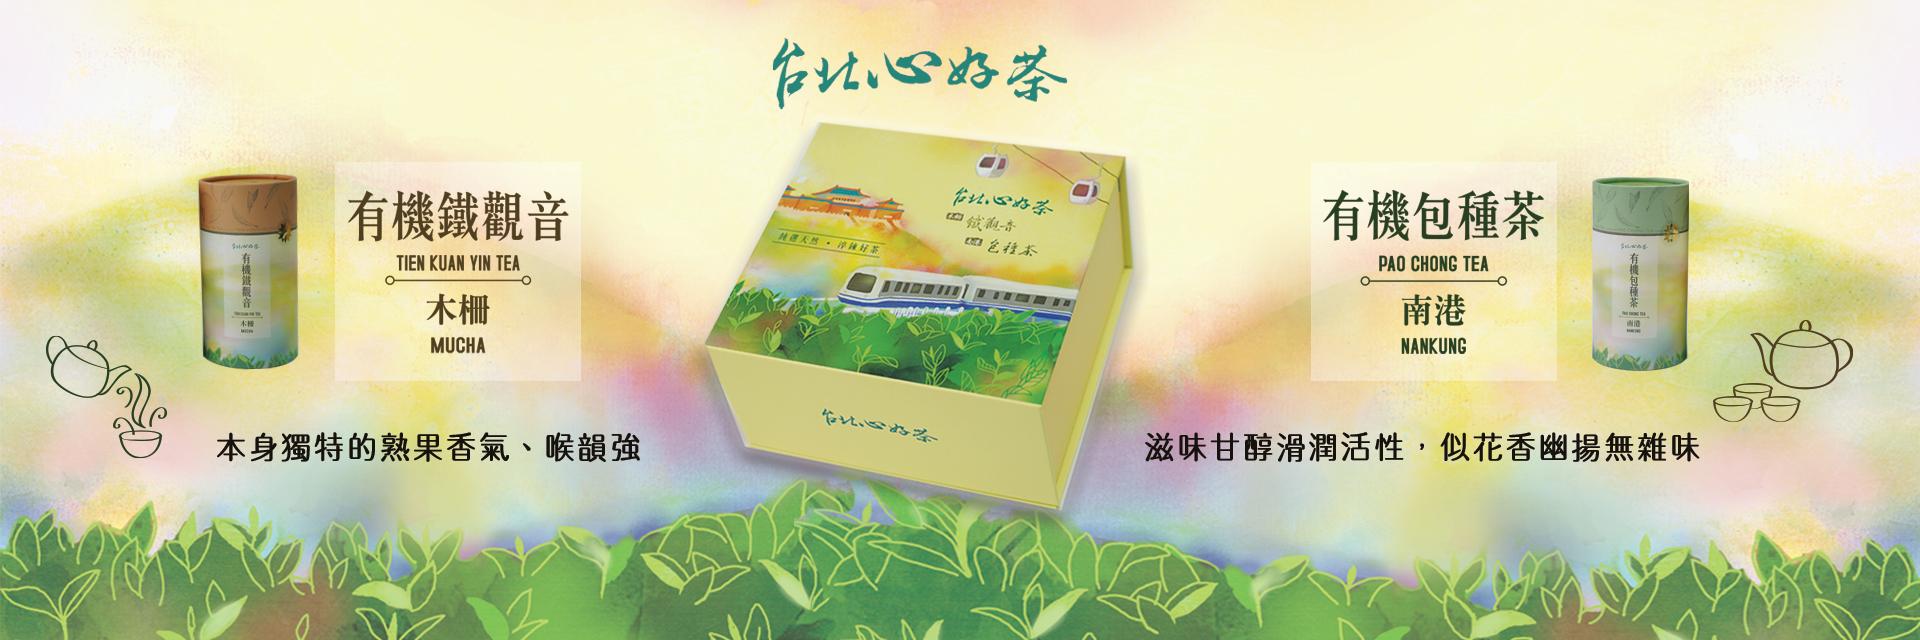 台北心好茶